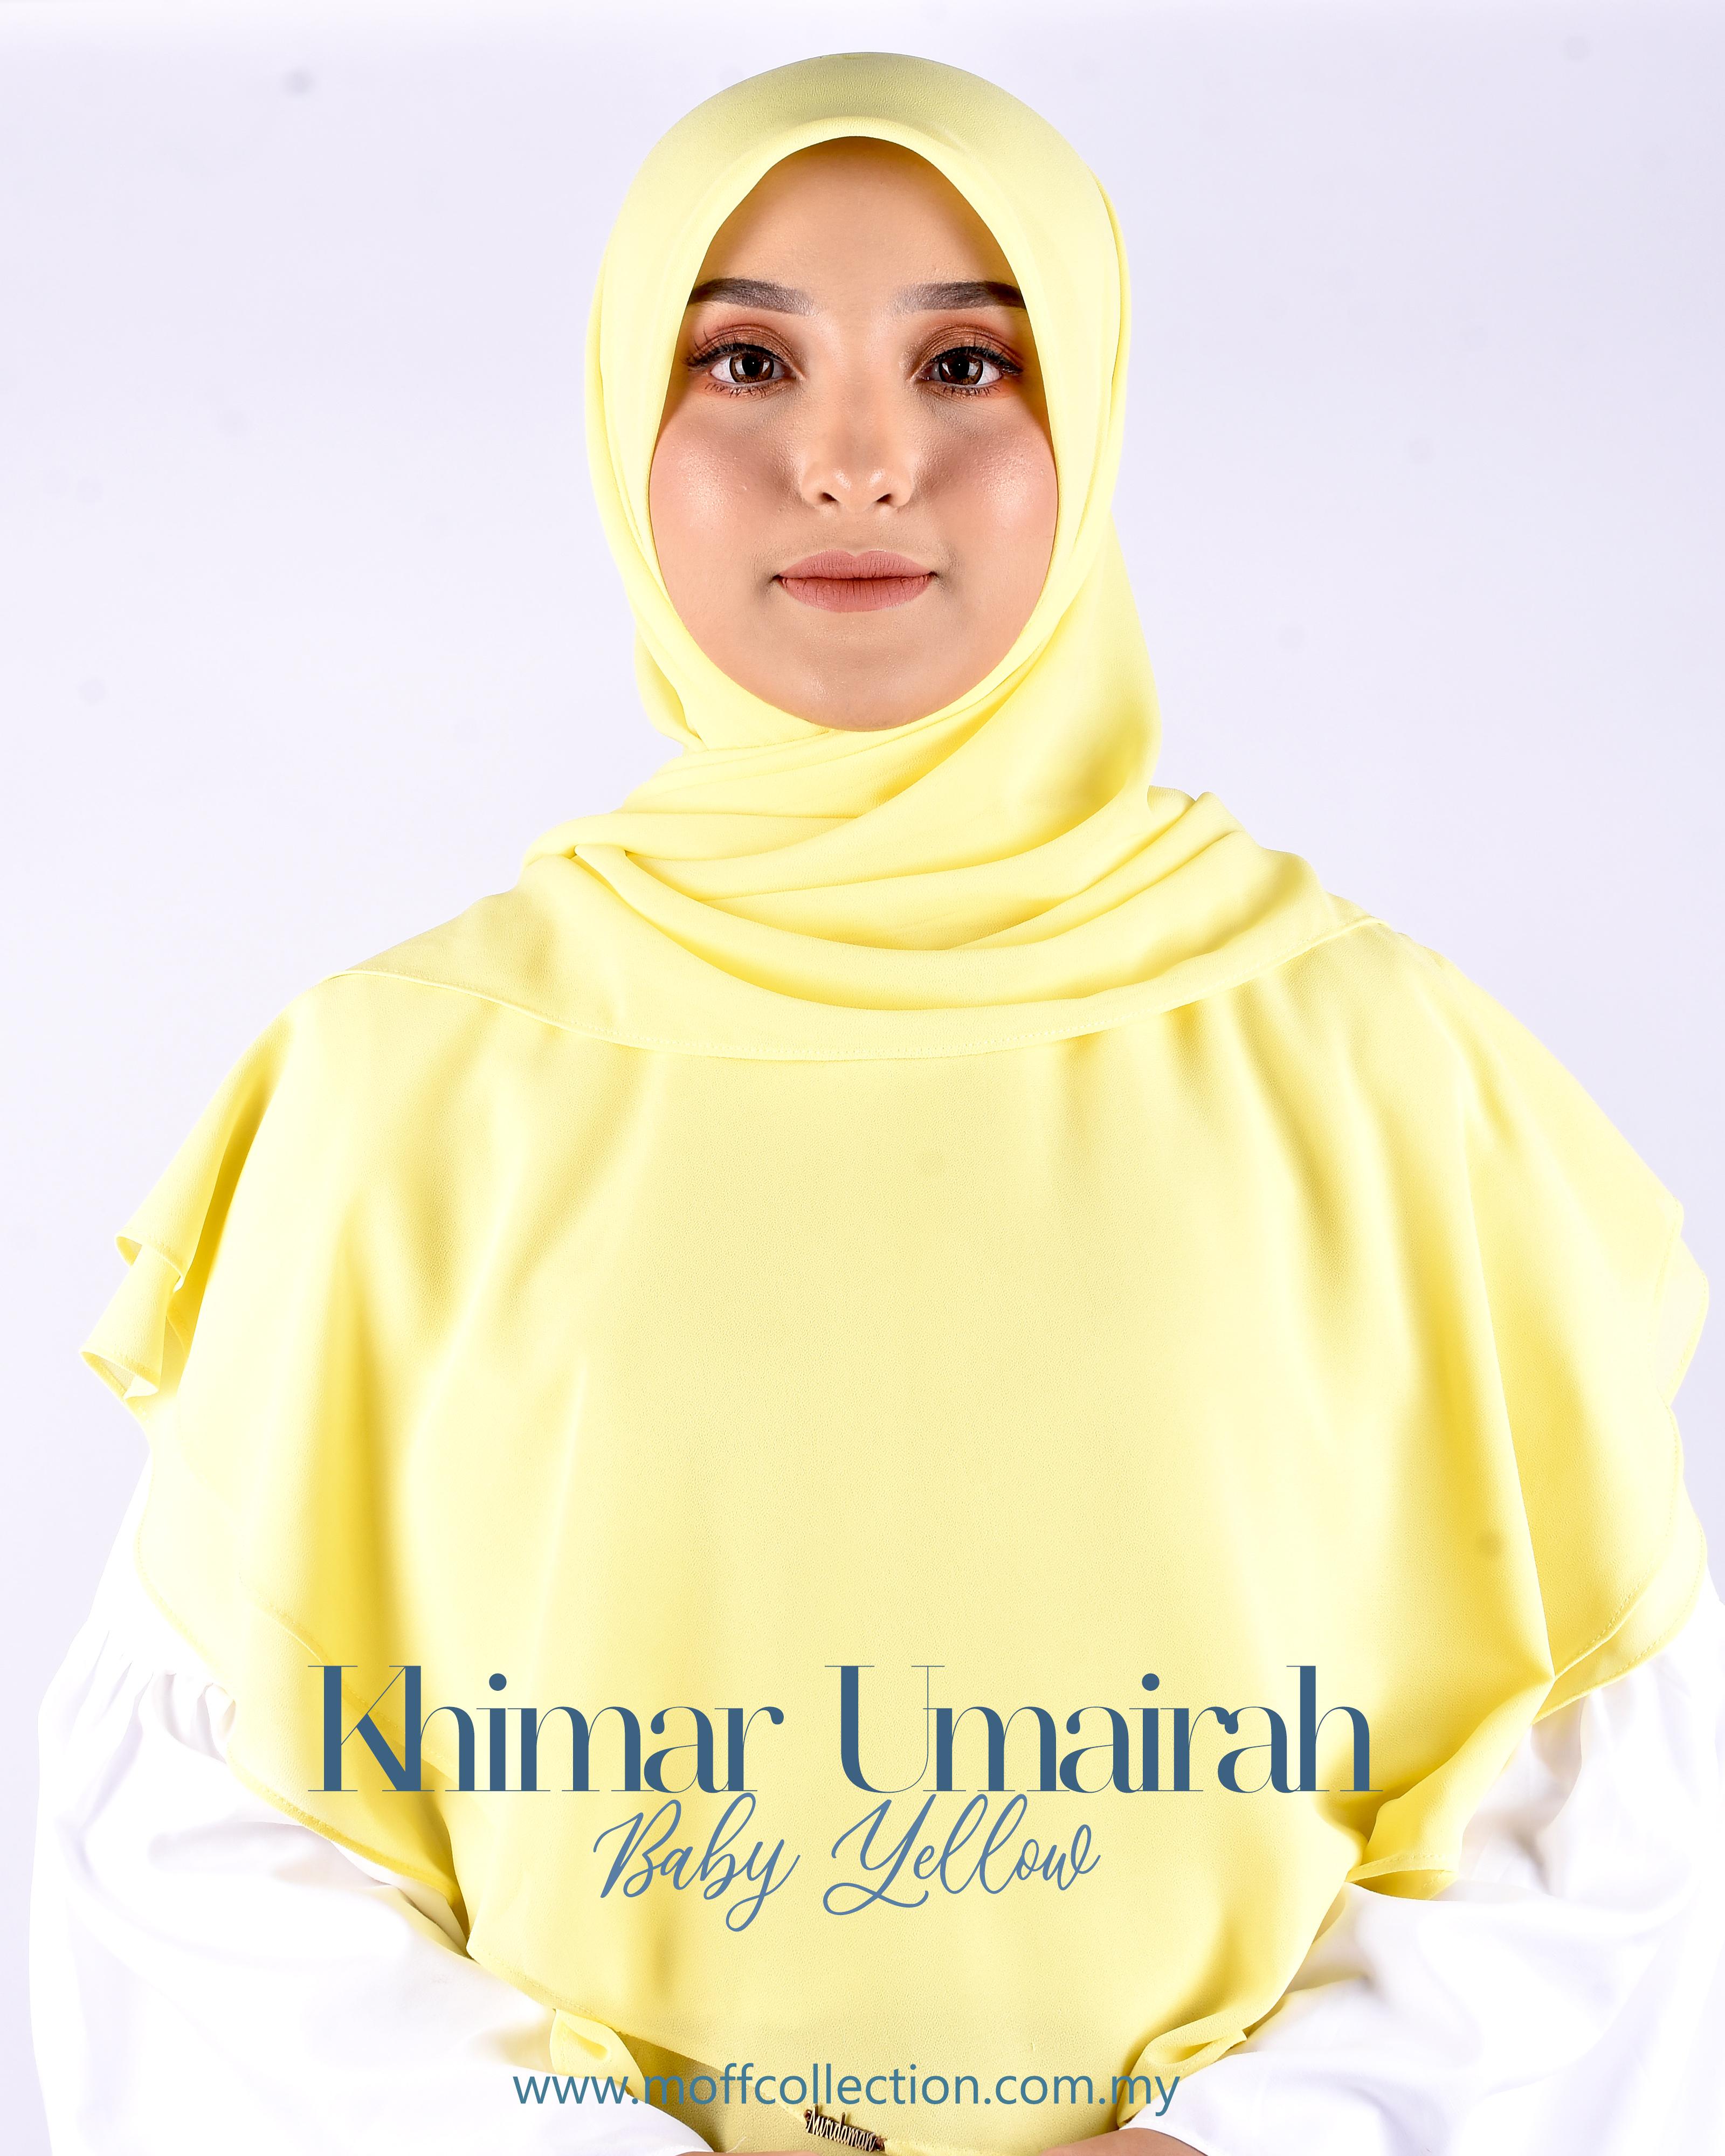 Khimar Umairah In Baby Yellow